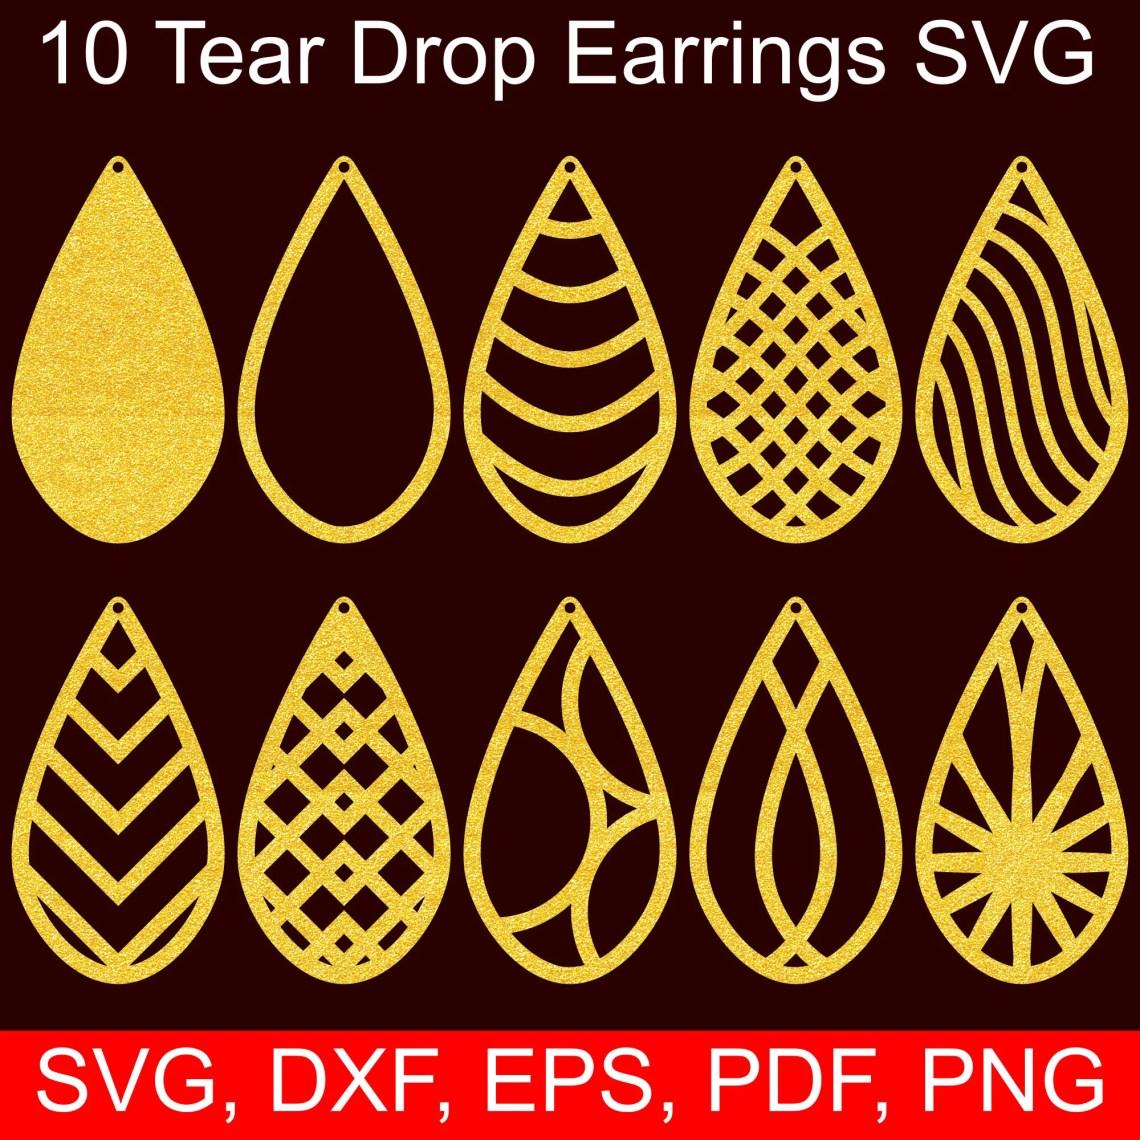 Download 10 Tear Drop Earrings SVG Files, Tear Drop SVG Cut files ...